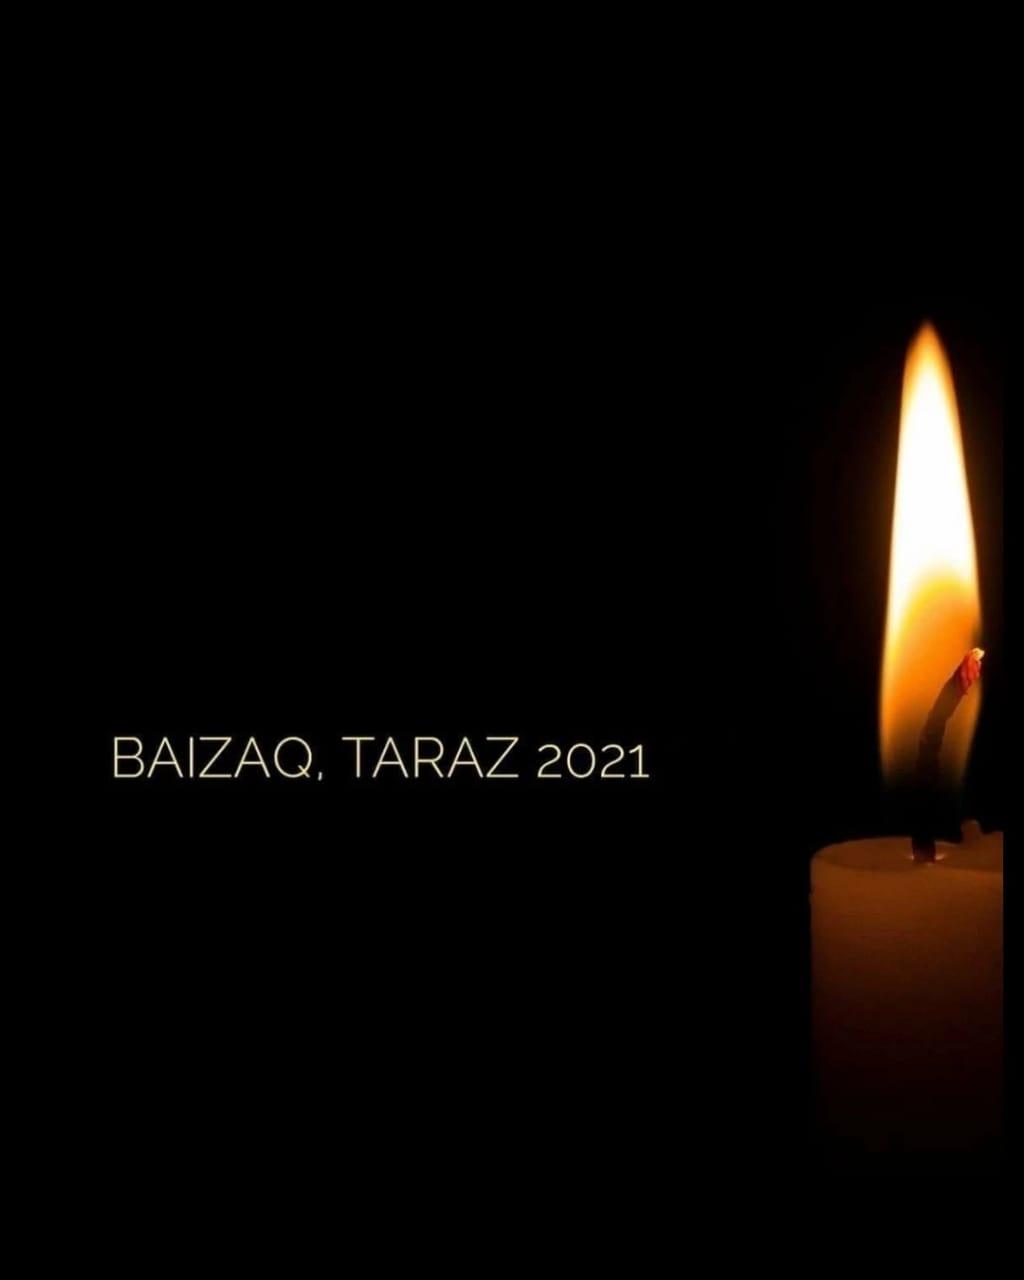 Baizaq, Taraz – 2021